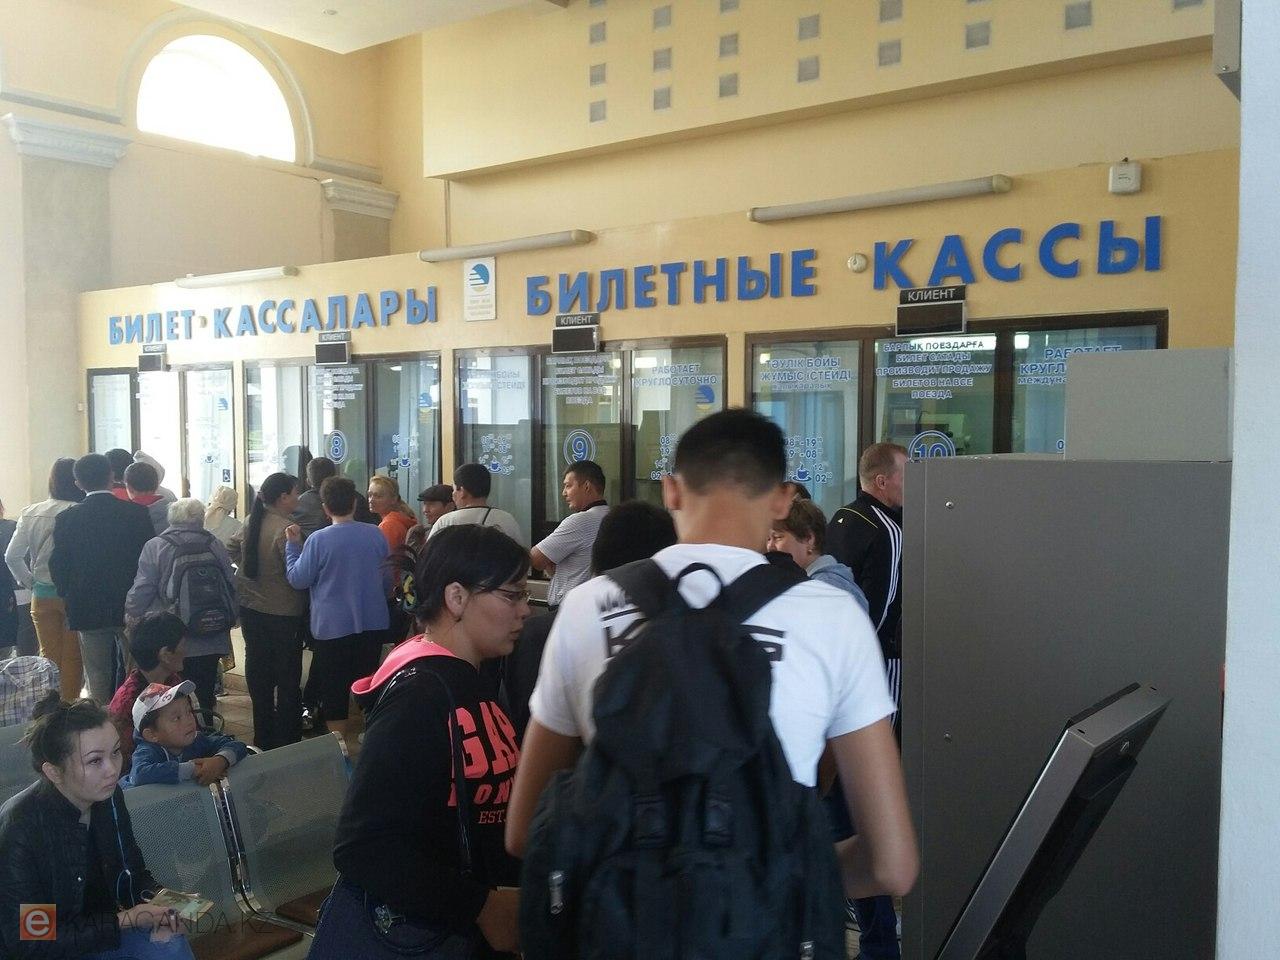 Заведующие билетными кассами фото 4